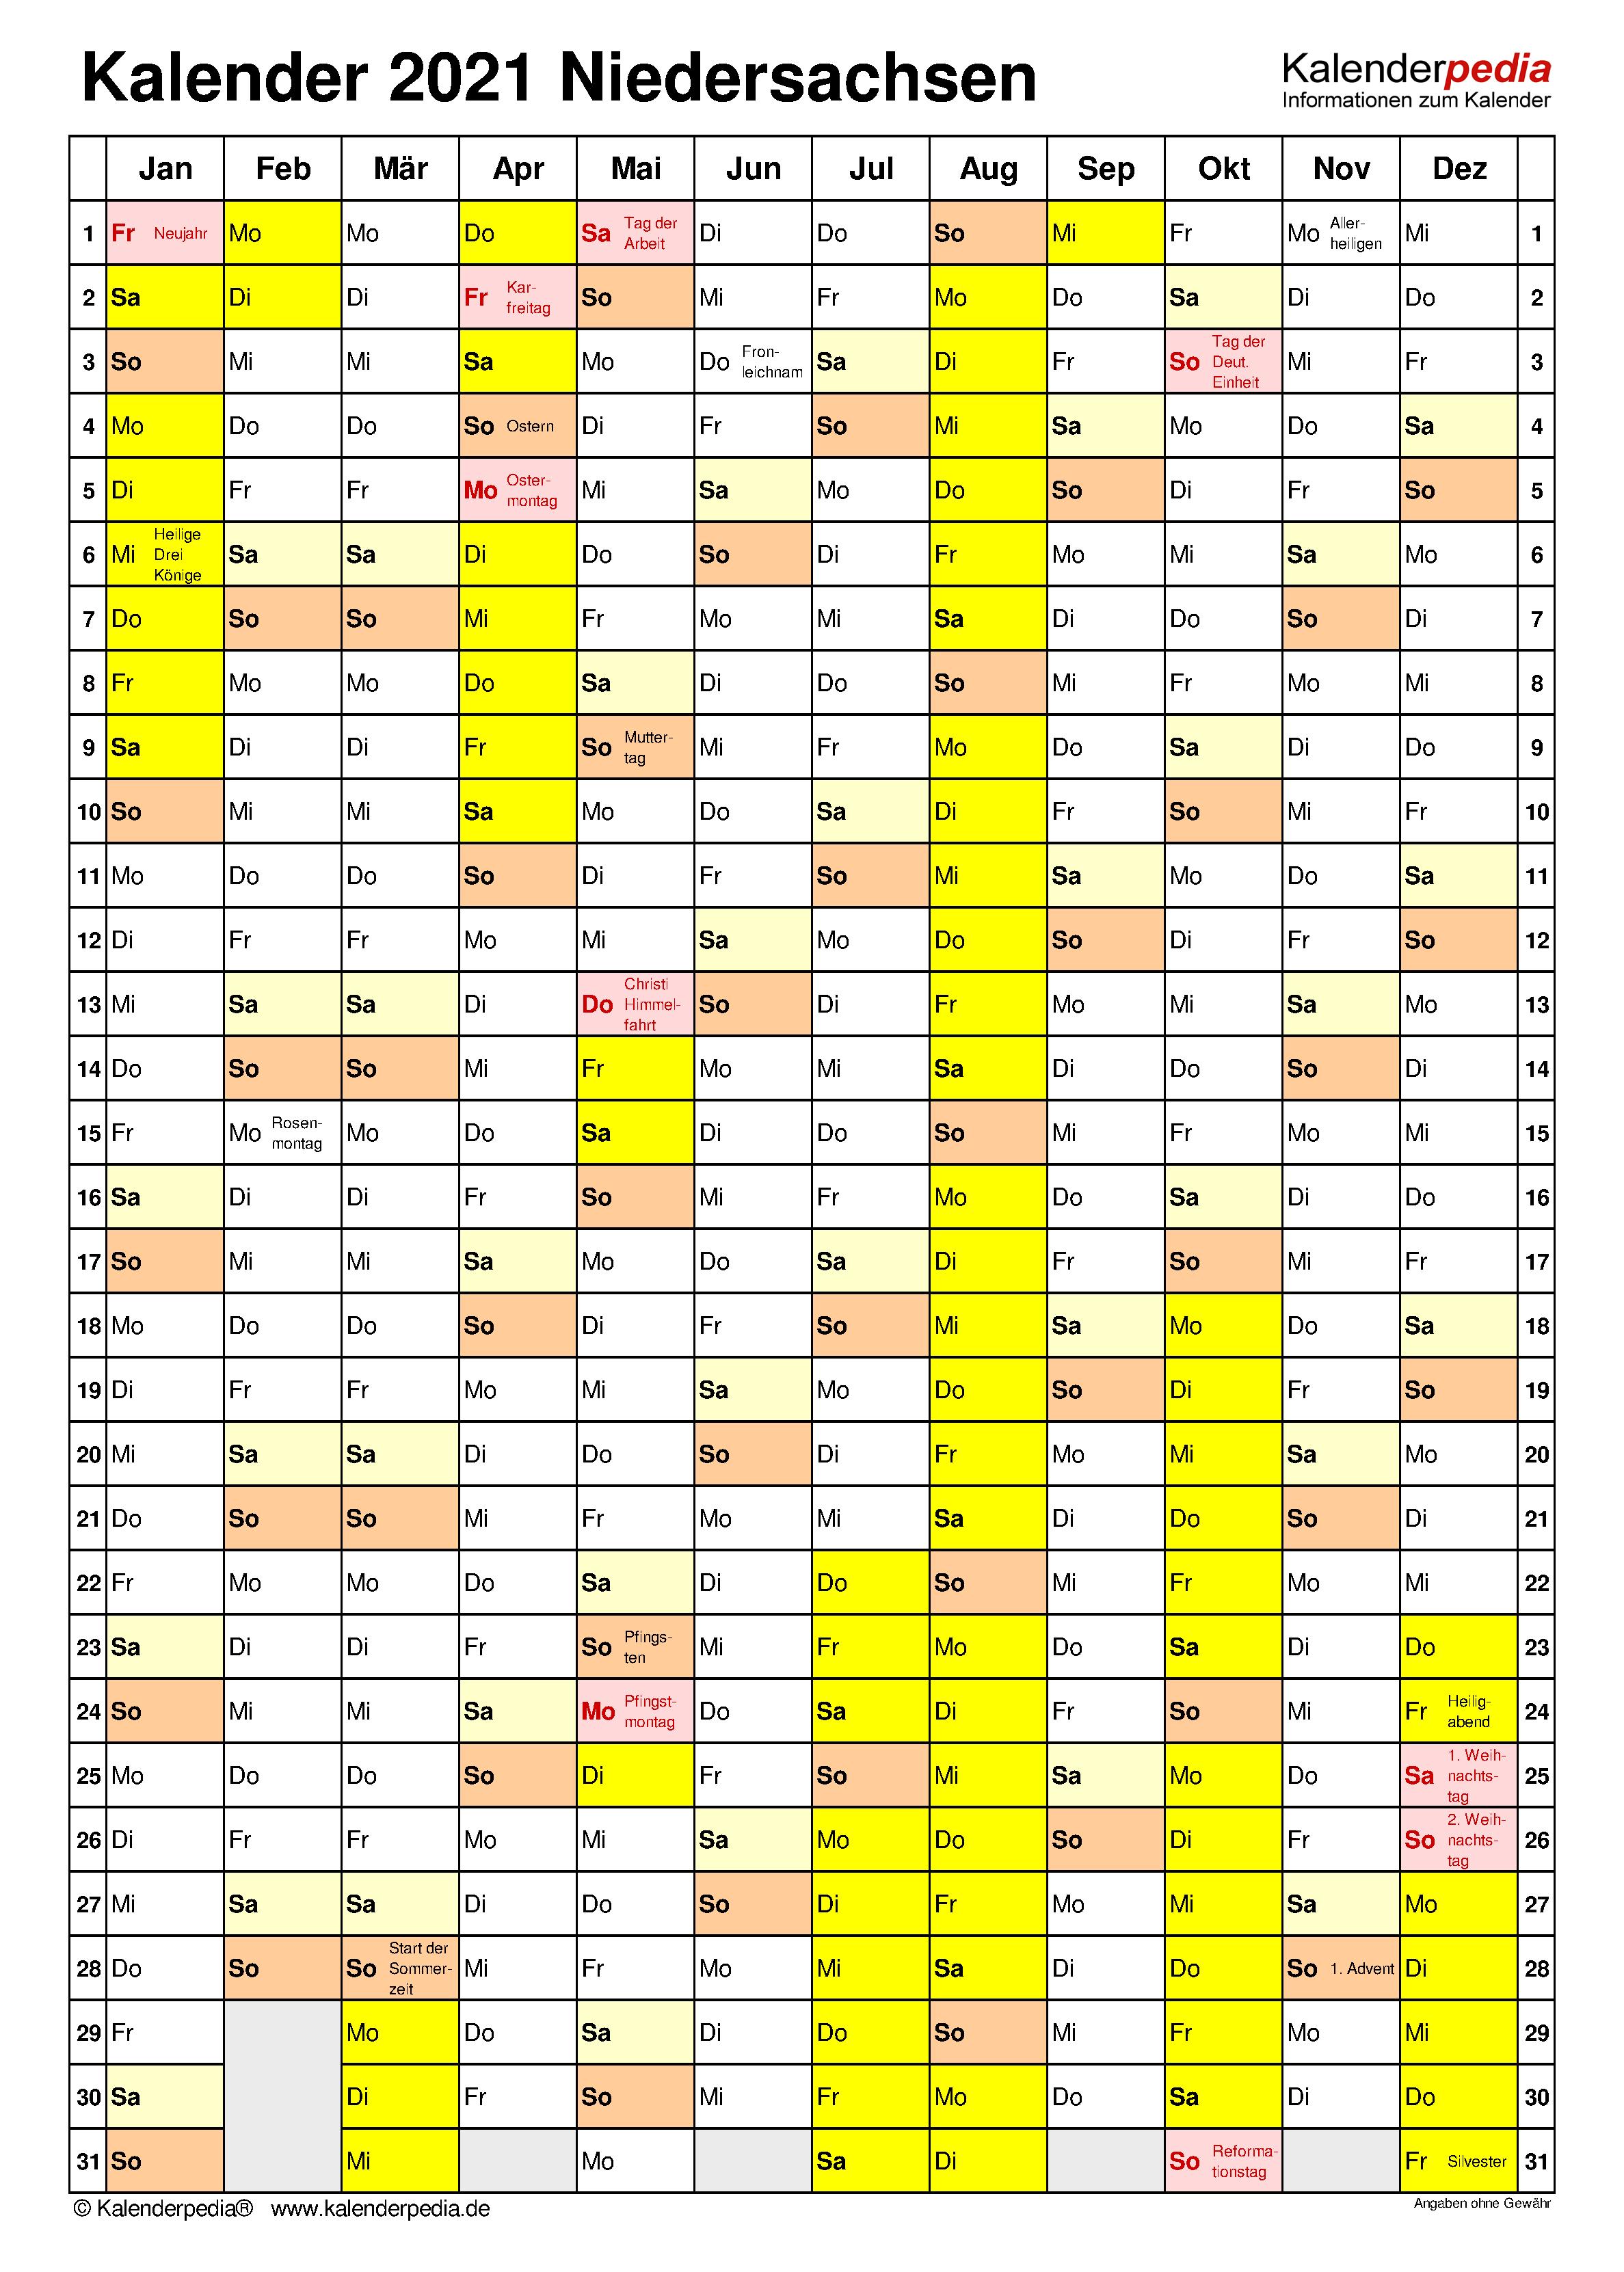 Kalender 2021 Niedersachsen: Ferien, Feiertage, PDF-Vorlagen